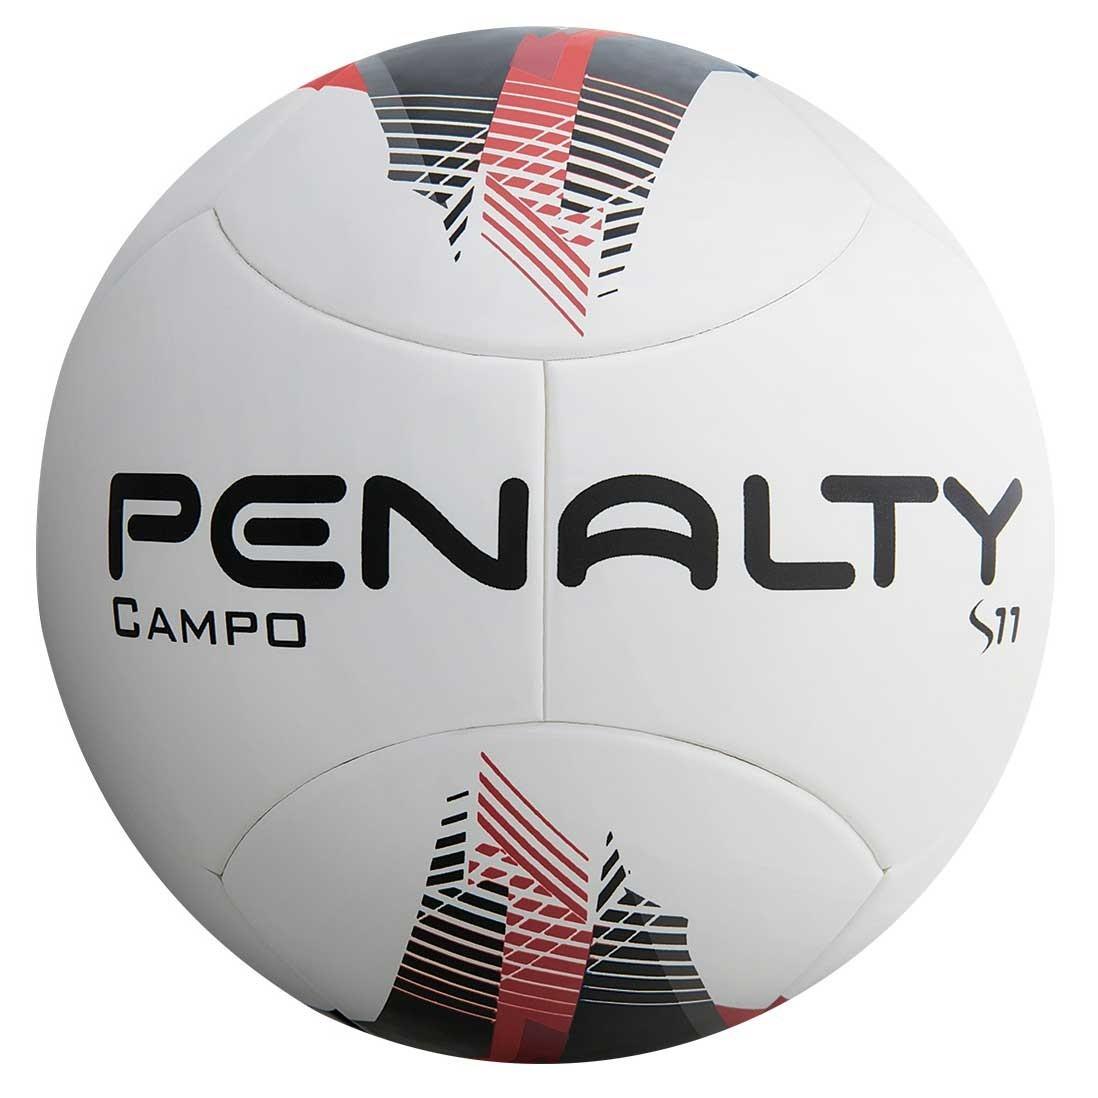 kit 10 pelotas de futbol penalty s11 campo n 5 termofusion. Cargando zoom. 0b2163fd4f98a